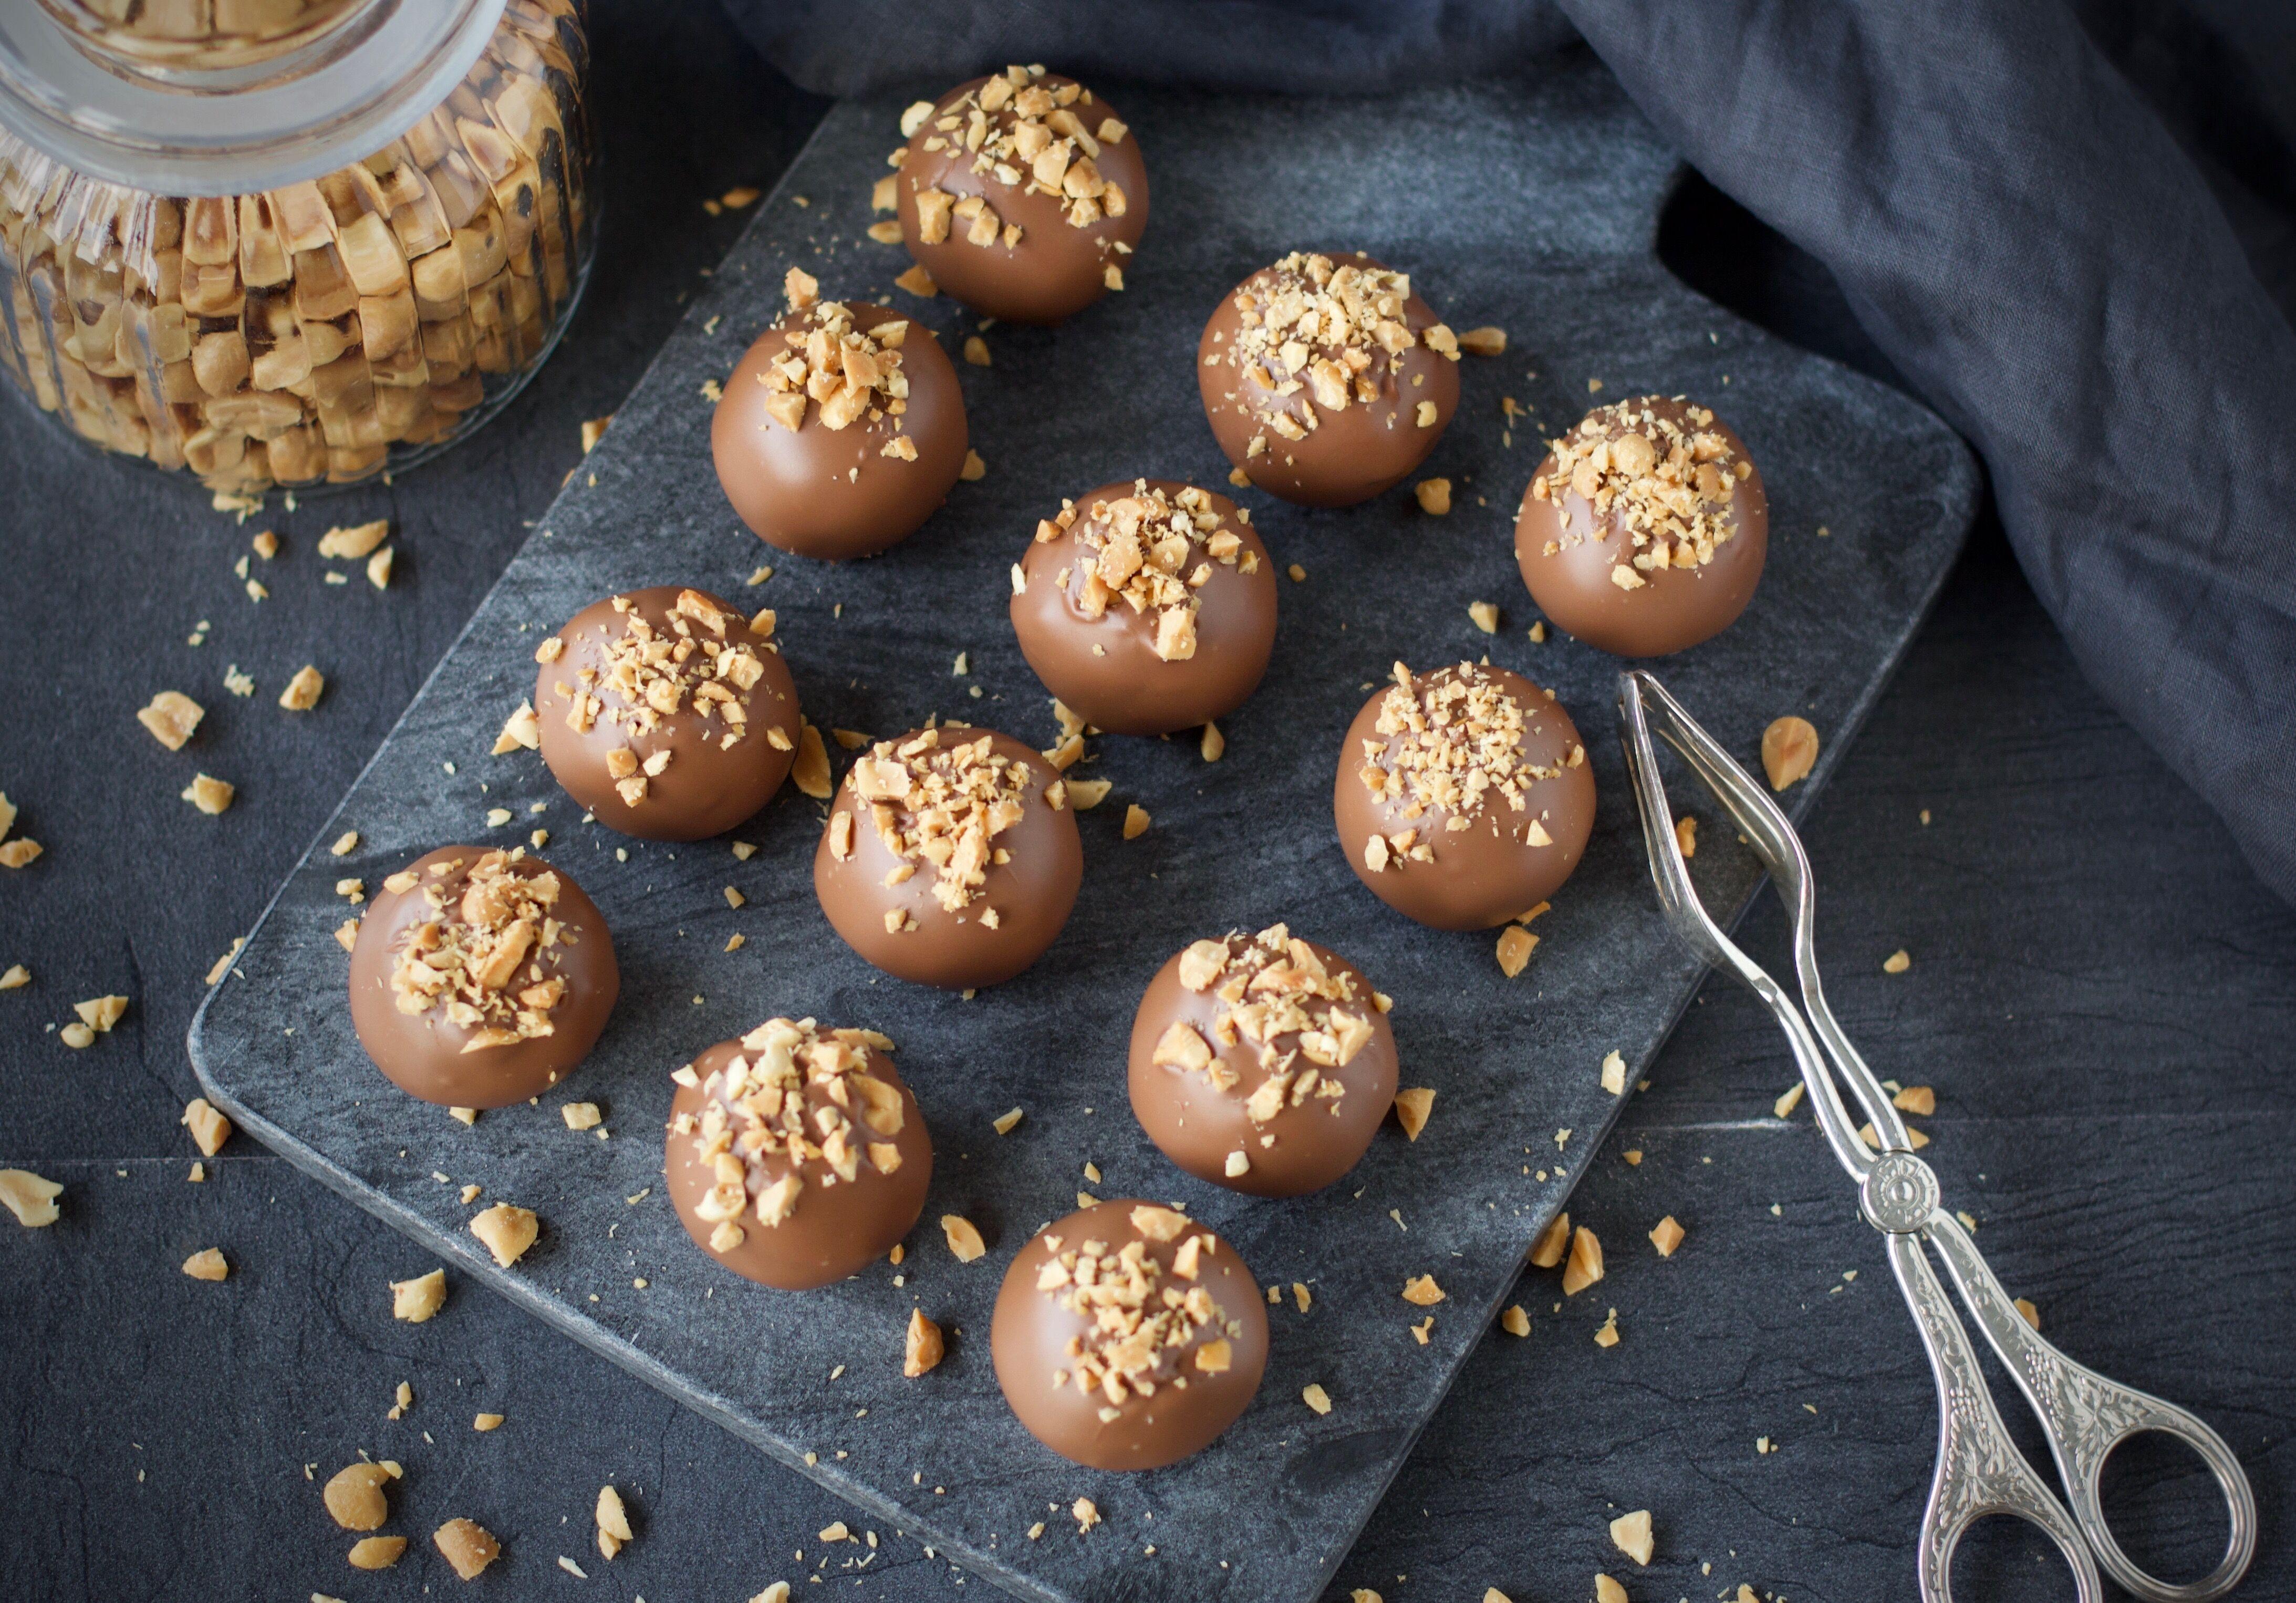 Peanutbutter cookie dough balls (Kakdegsbollar med jordnötssmör) 2